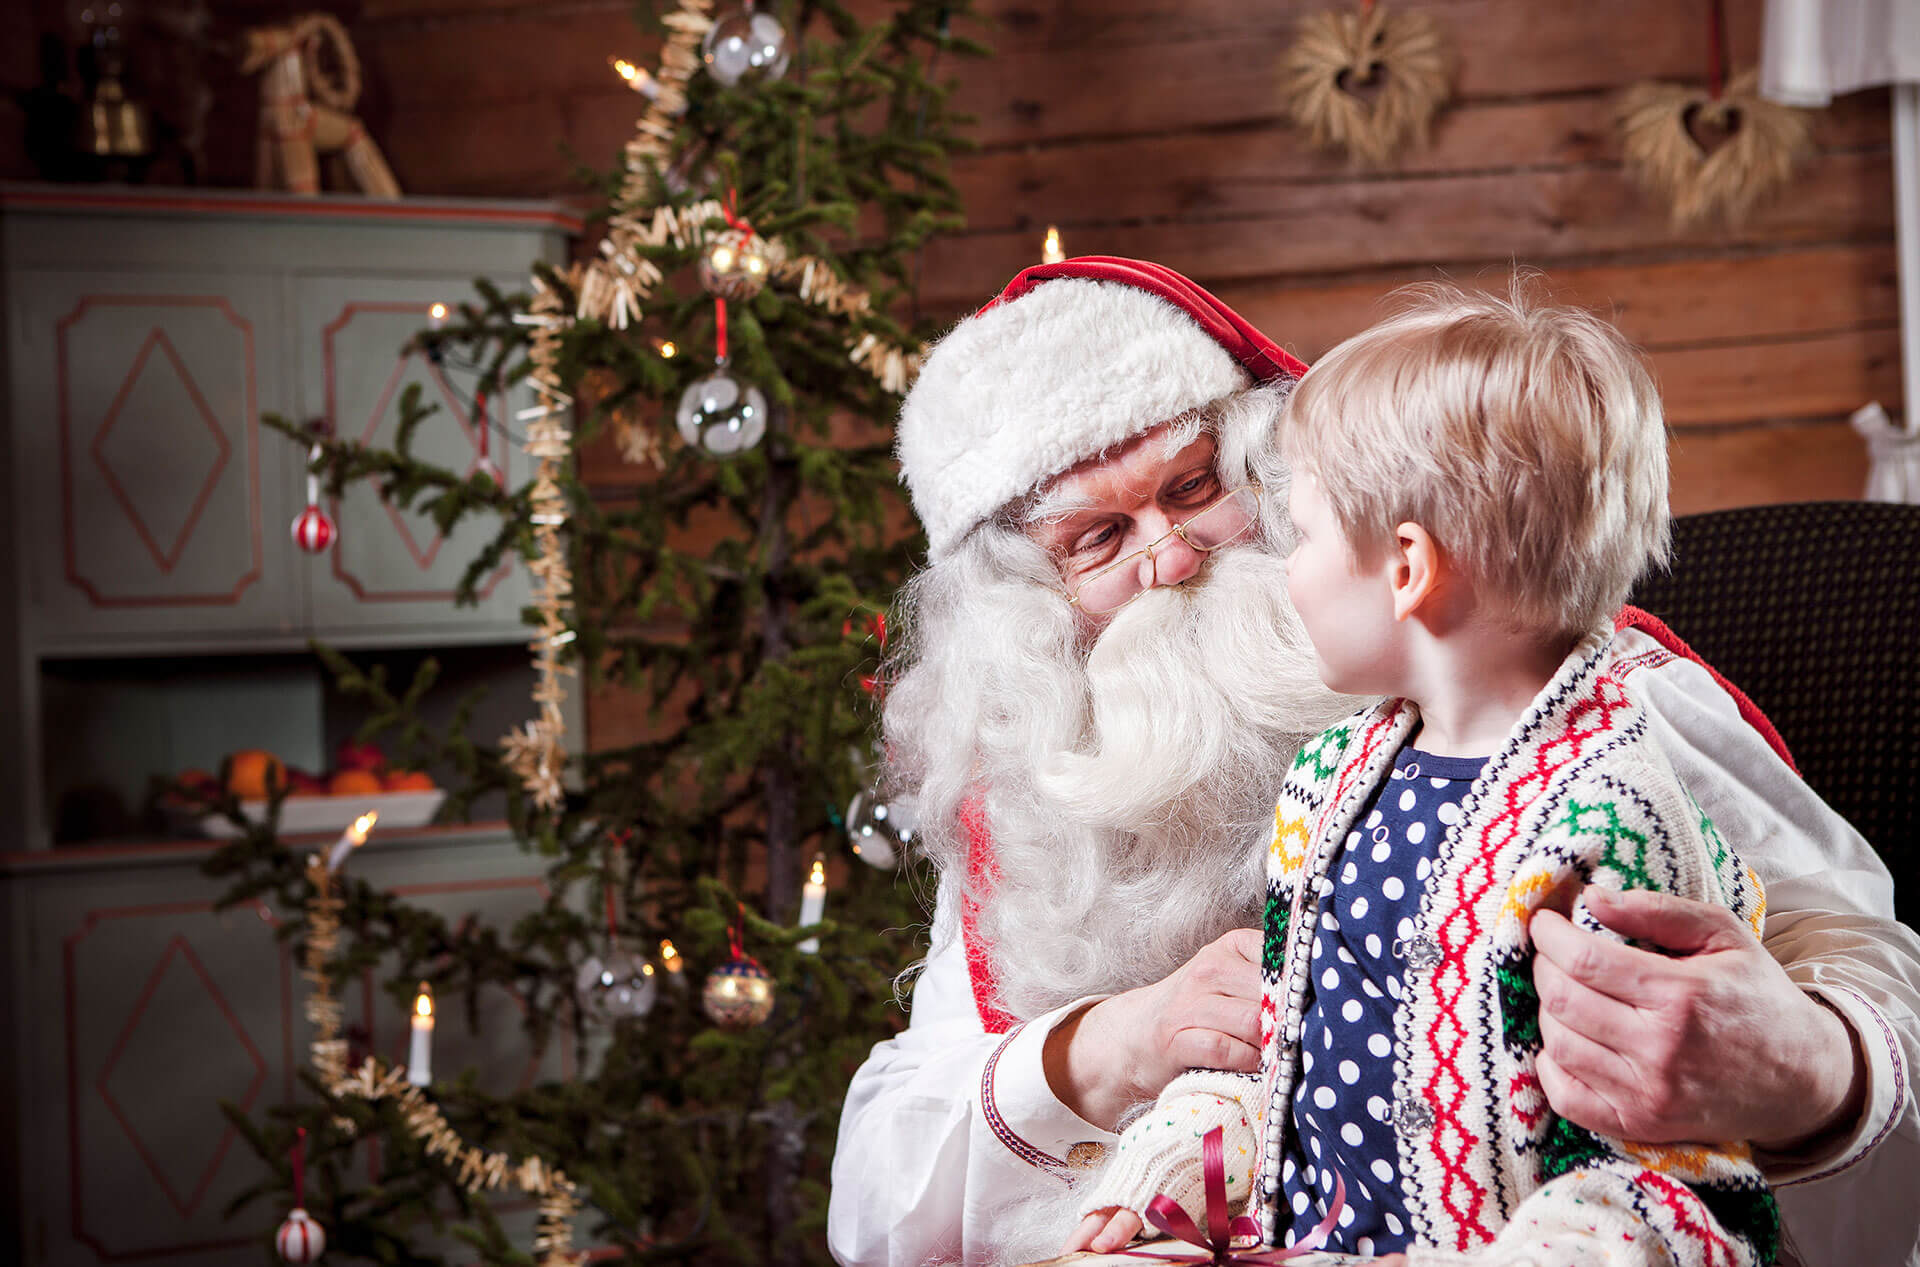 Visita a Papá Noel Santa Claus